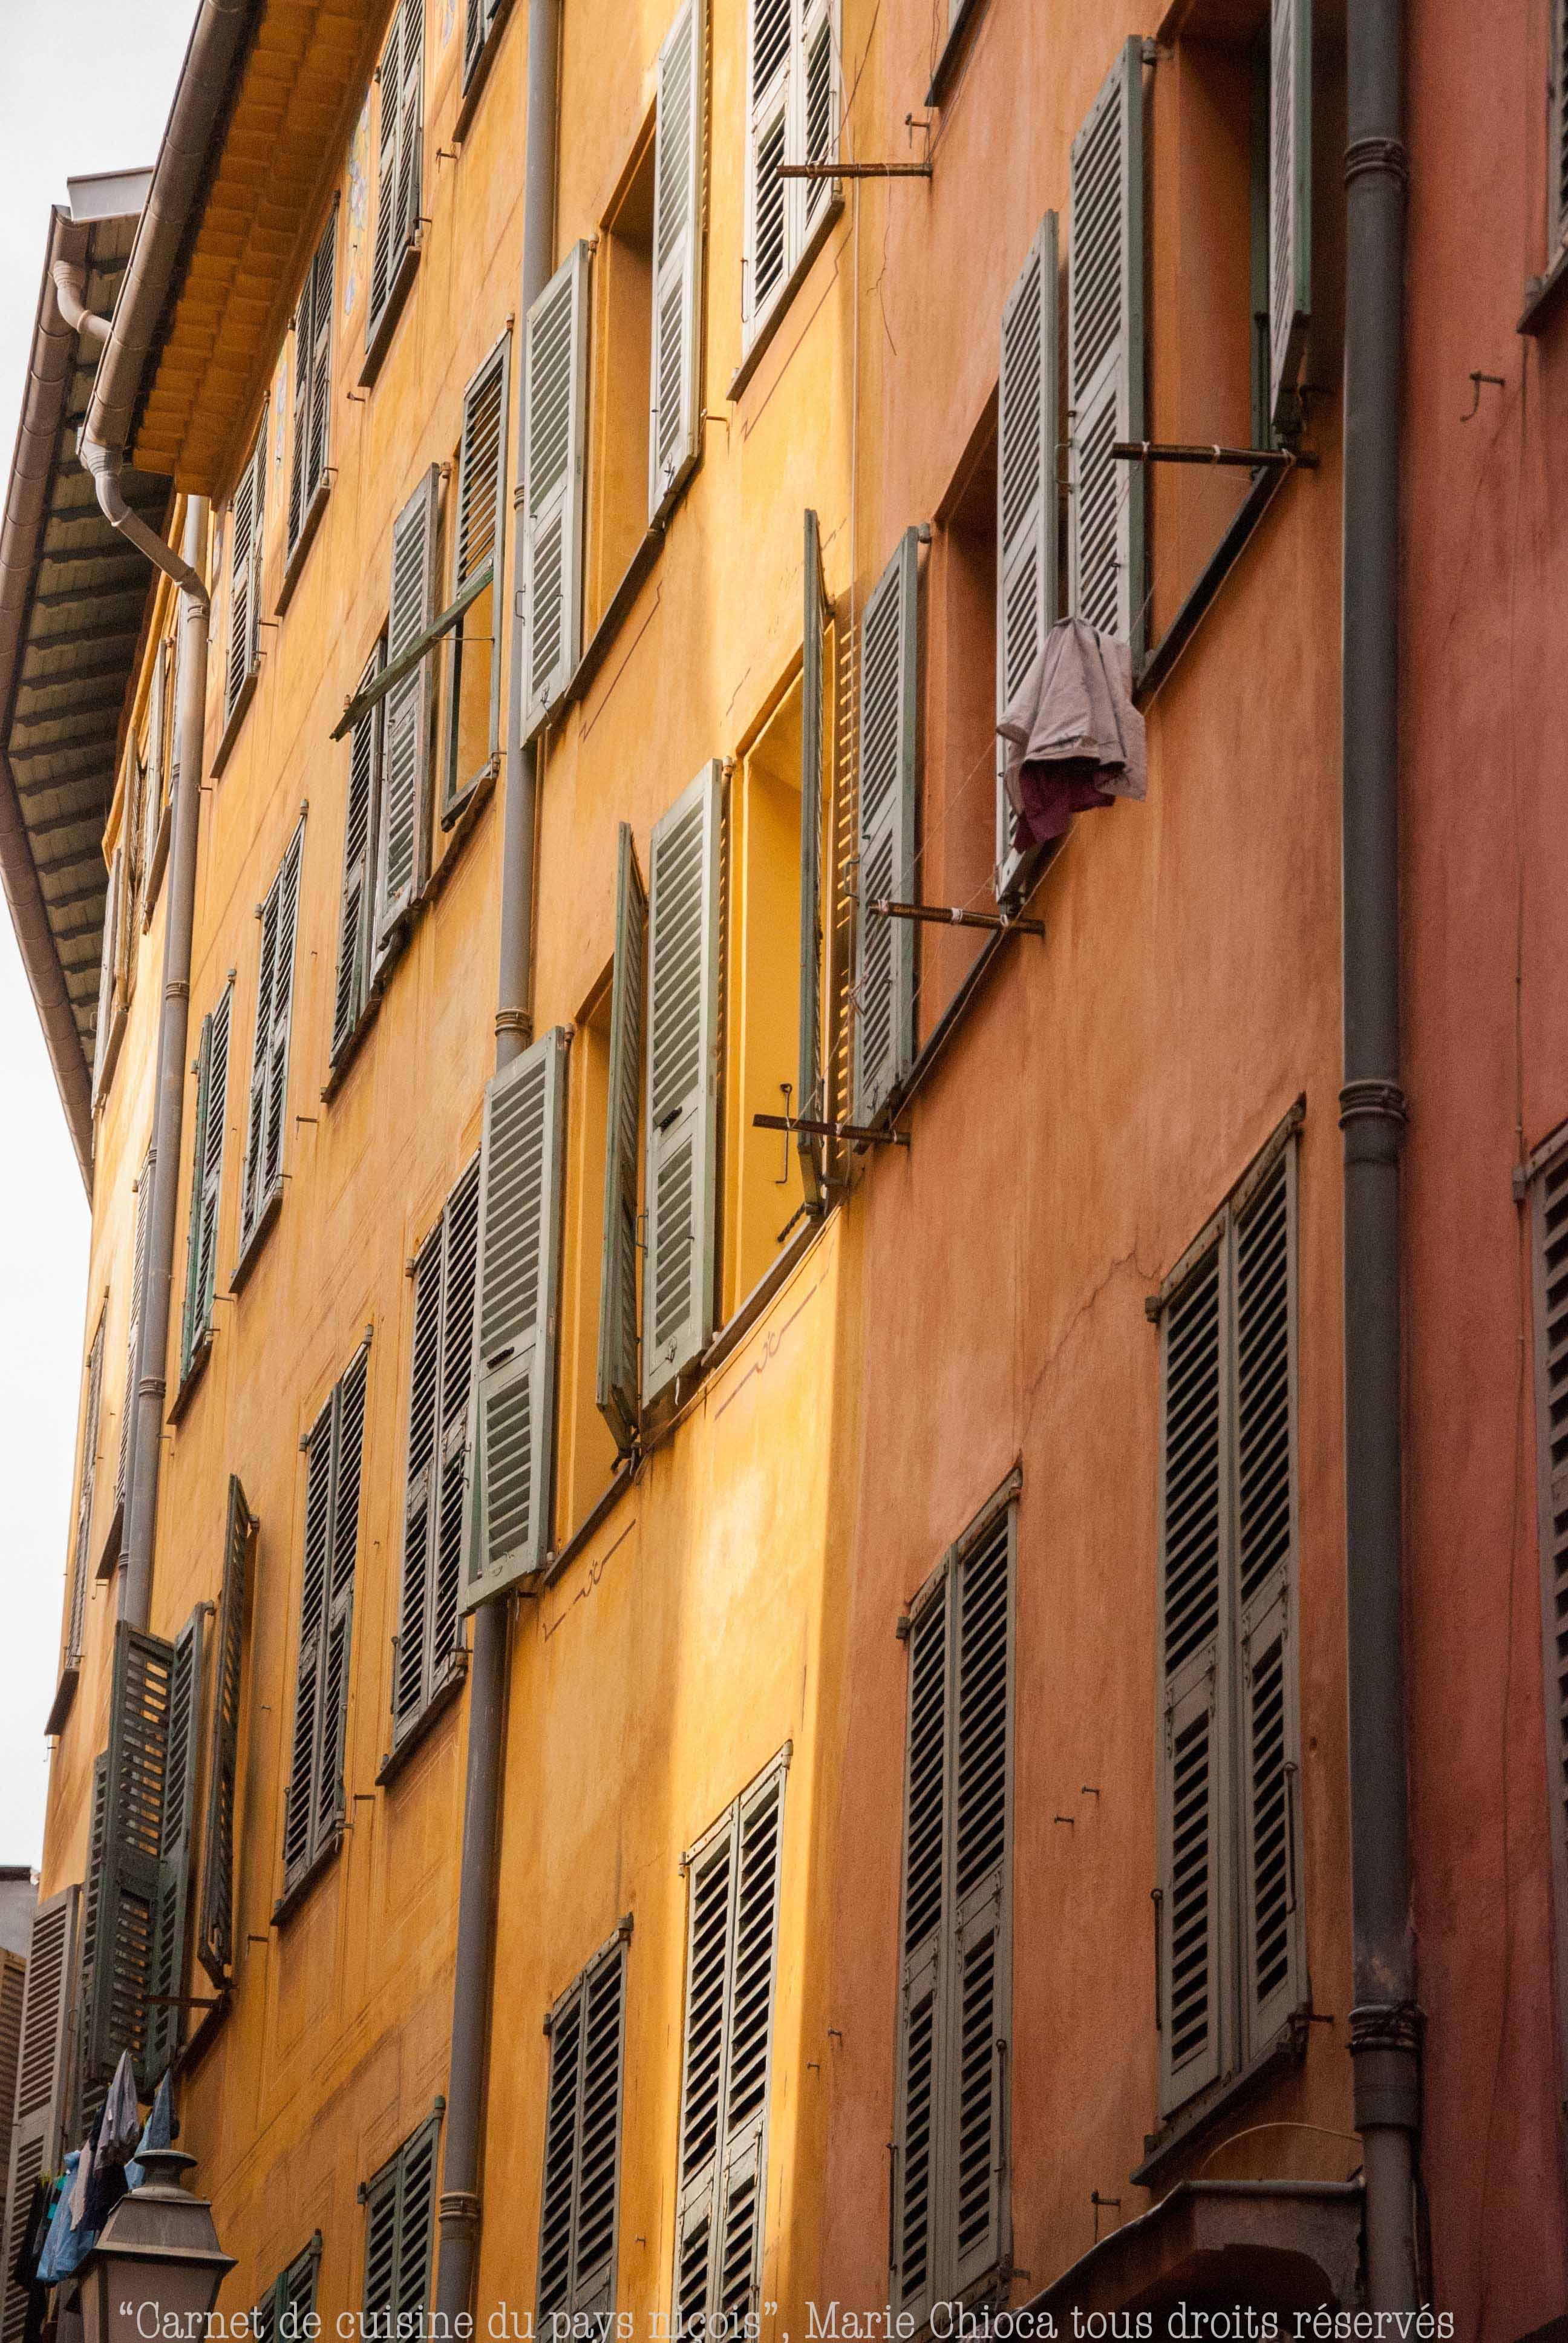 31 Rayon de soleil matinal sur une façade niçoise typique-2